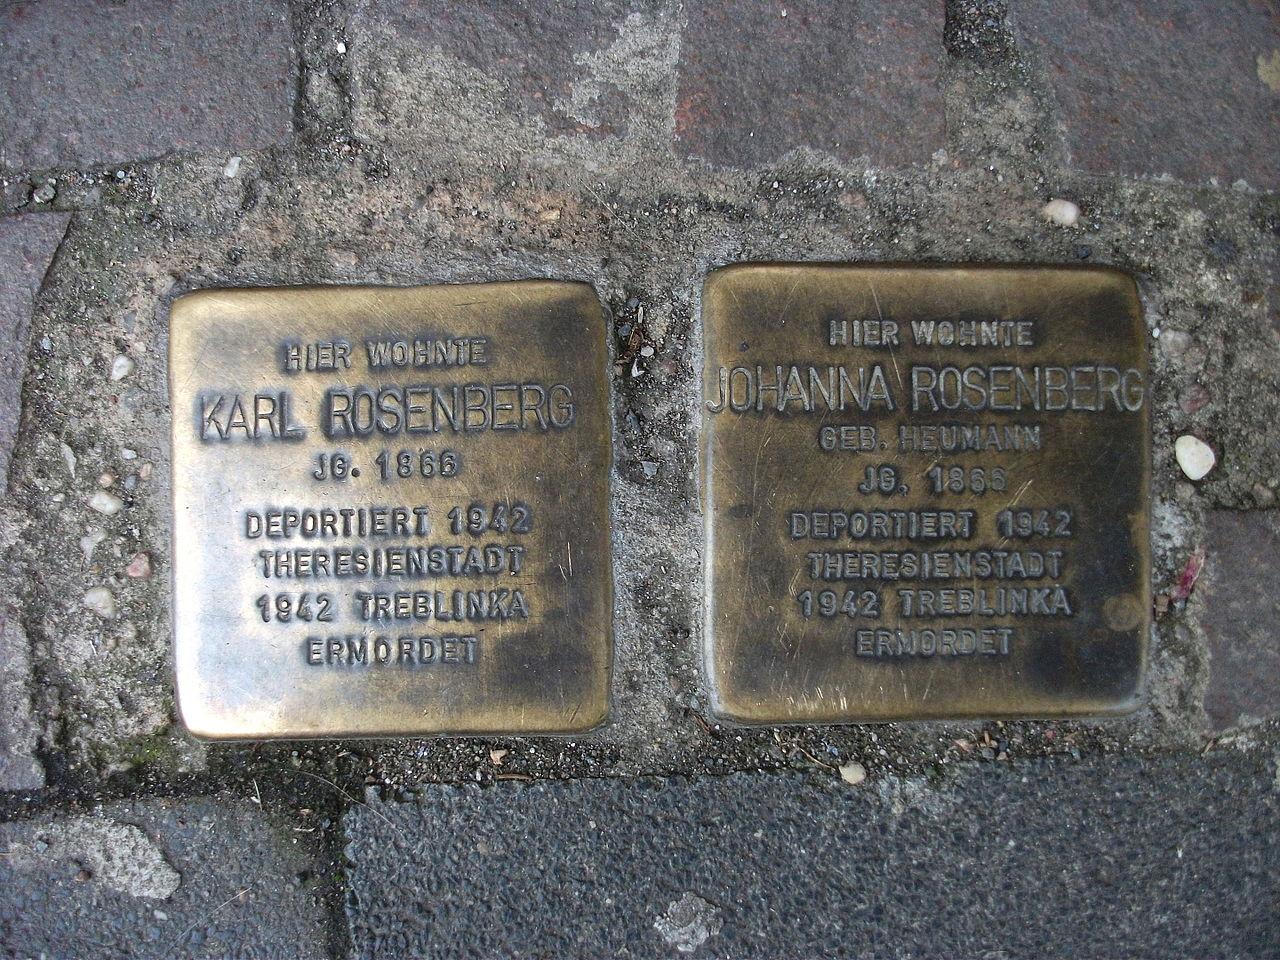 Stolpersteins Karl Rosenberg, Johanna Rosenberg Richard-Wagner-Straße 1 Bonn.JPG